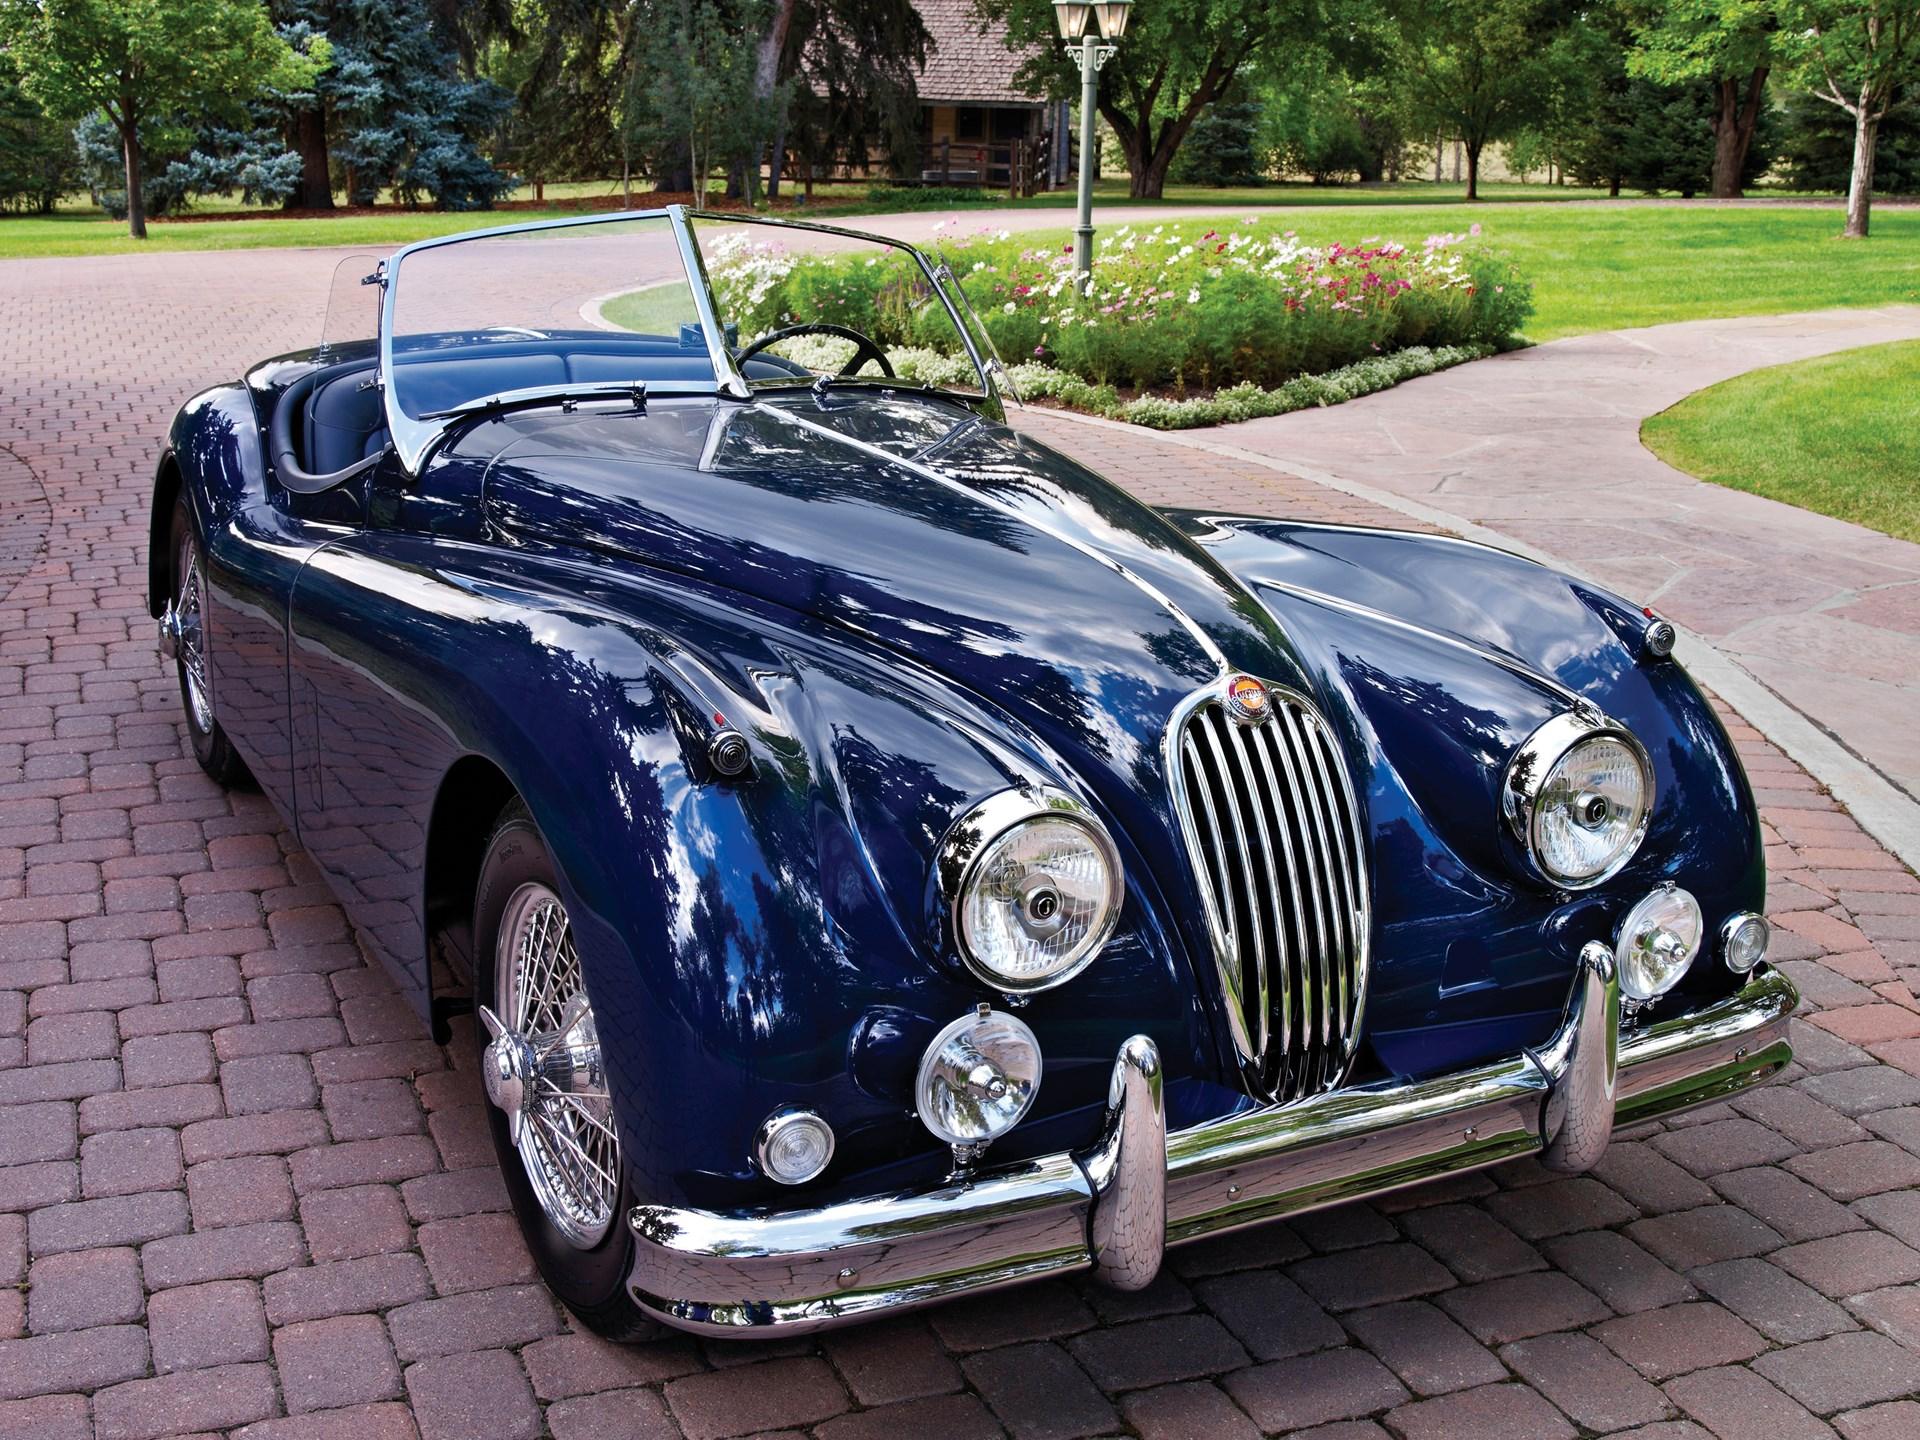 RM Sotheby's - 1955 Jaguar XK 140MC Roadster | Vintage ...  |1955 Jaguar Roadster